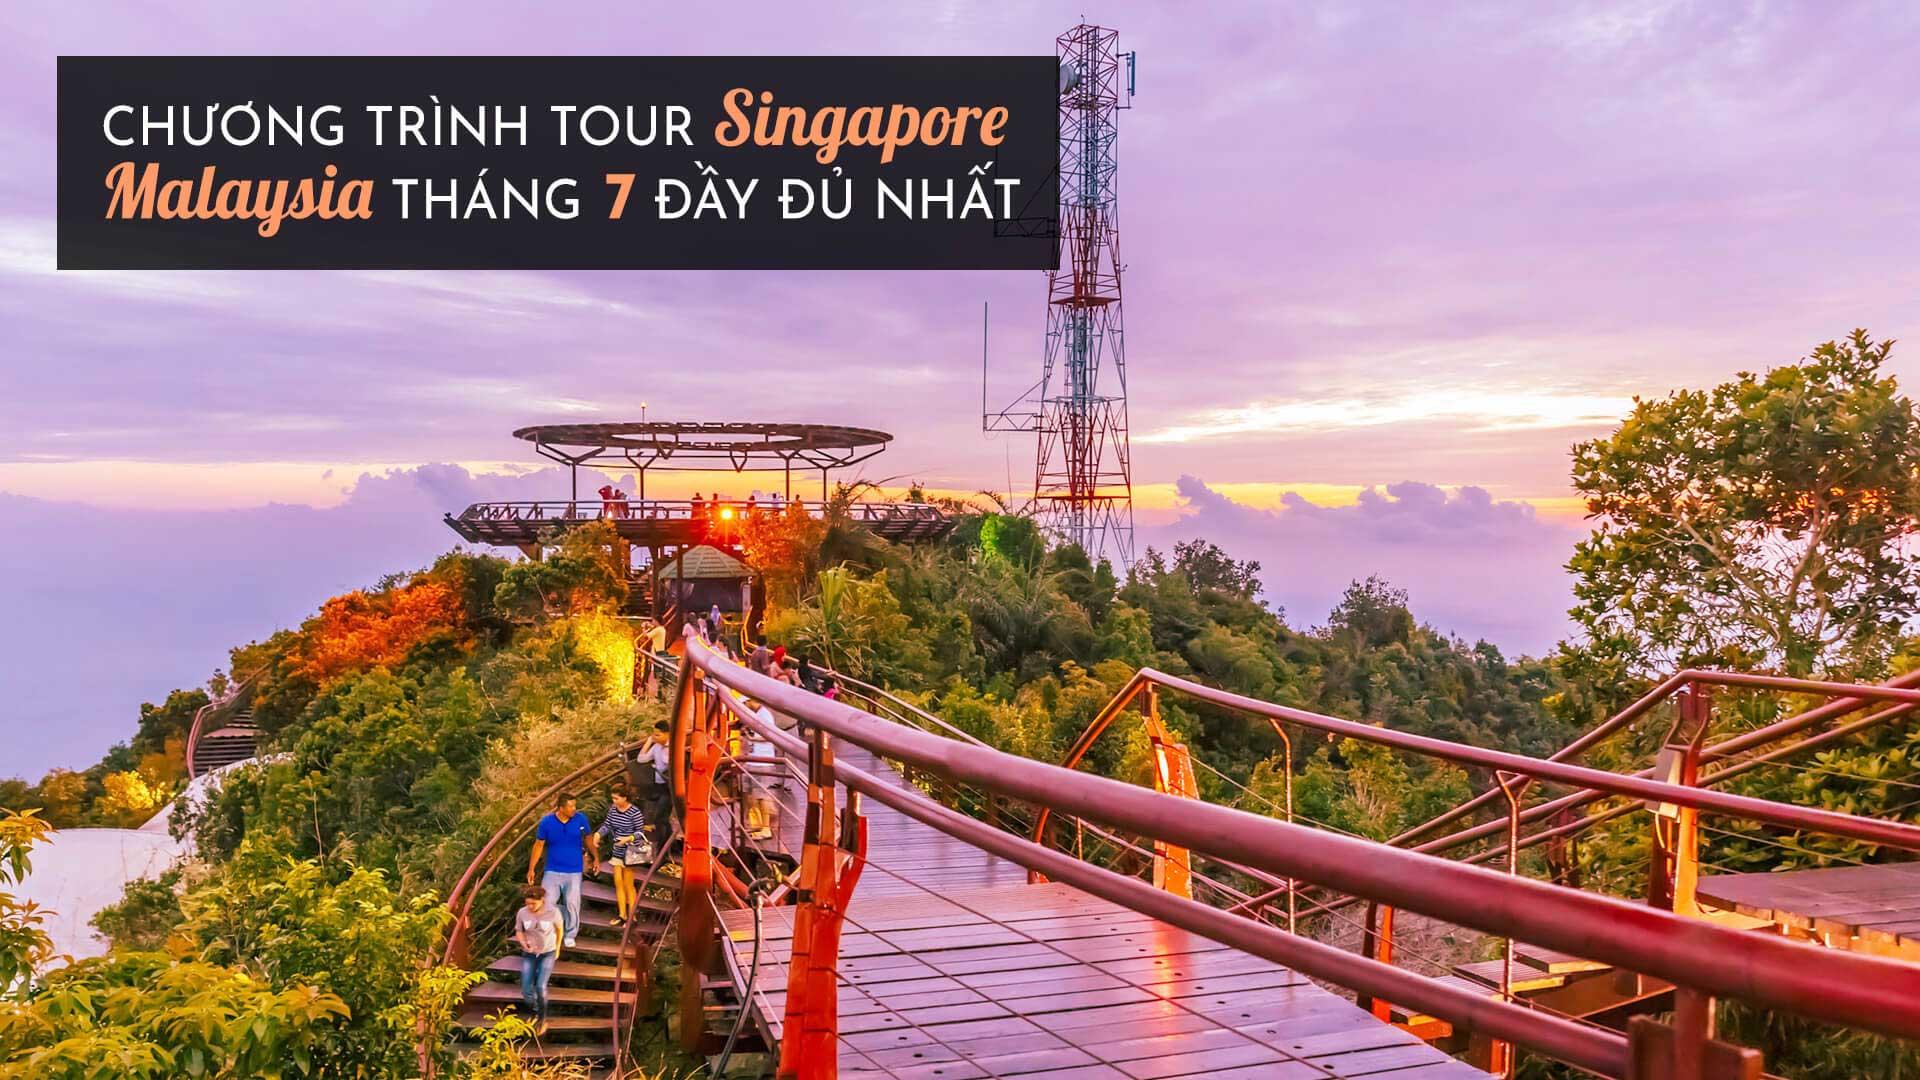 Kinh nghiệm đặt tour Singapore Malaysia tháng 7 cho người đi lần đầu